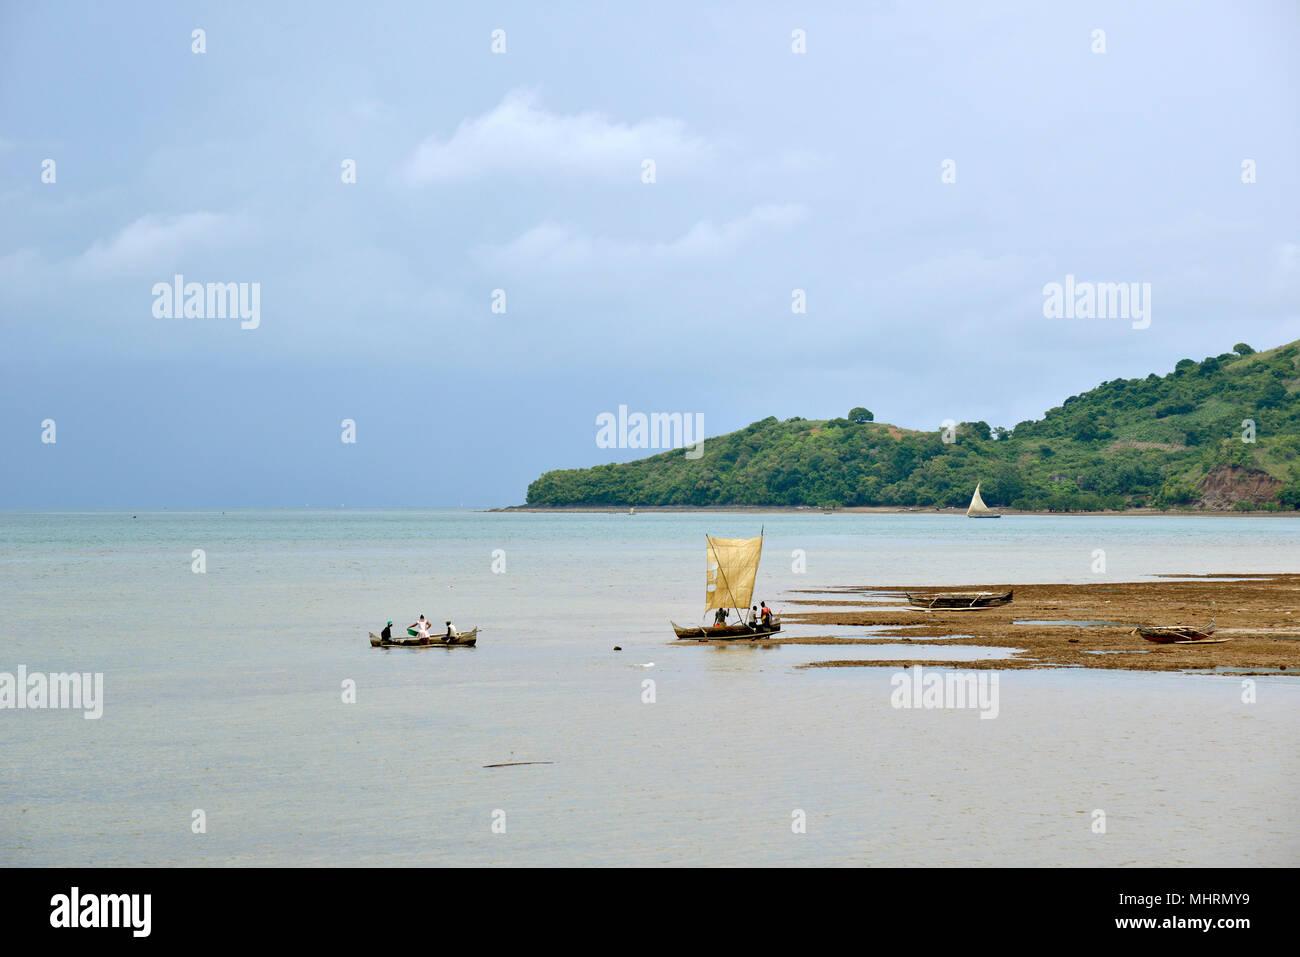 18 January 2018, Madagascar, Andoany : Coastal landscape near Andoany, capital of the island of Nosy Be off the north-west coast of Madagascar.   usage worldwide - Stock Image